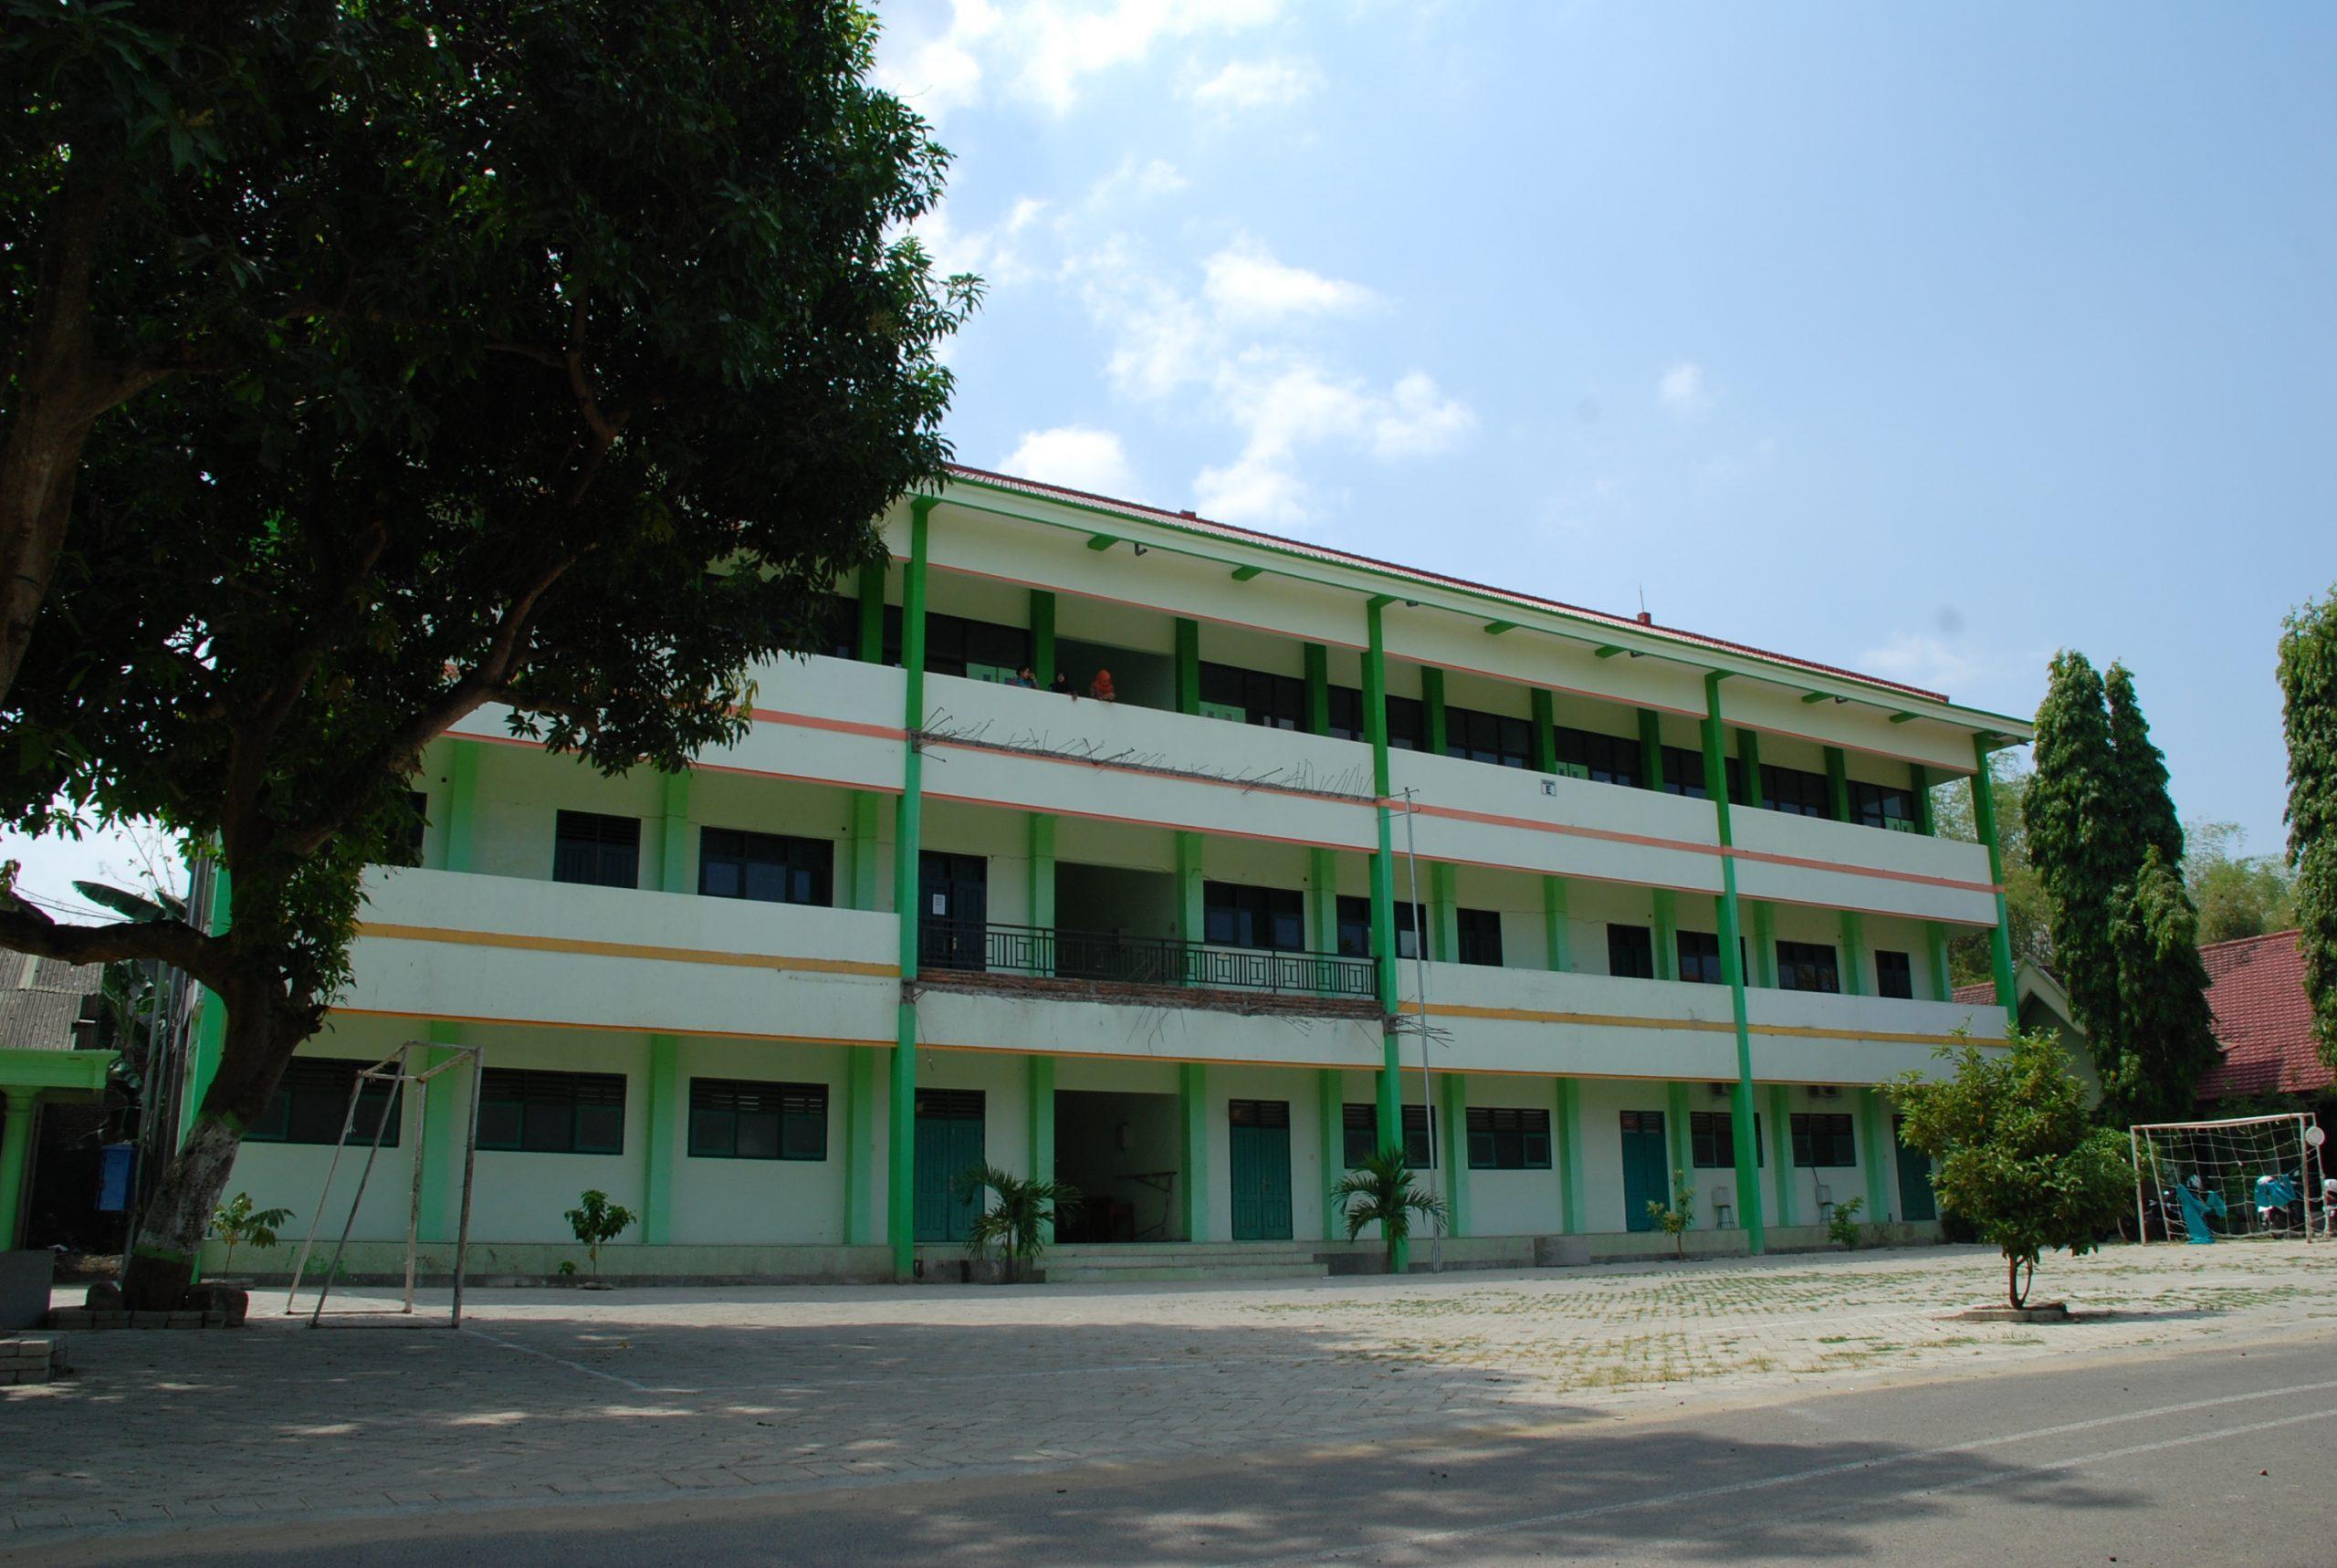 Ruang Perpustakaan pindah ke Lantai II Gedung baru